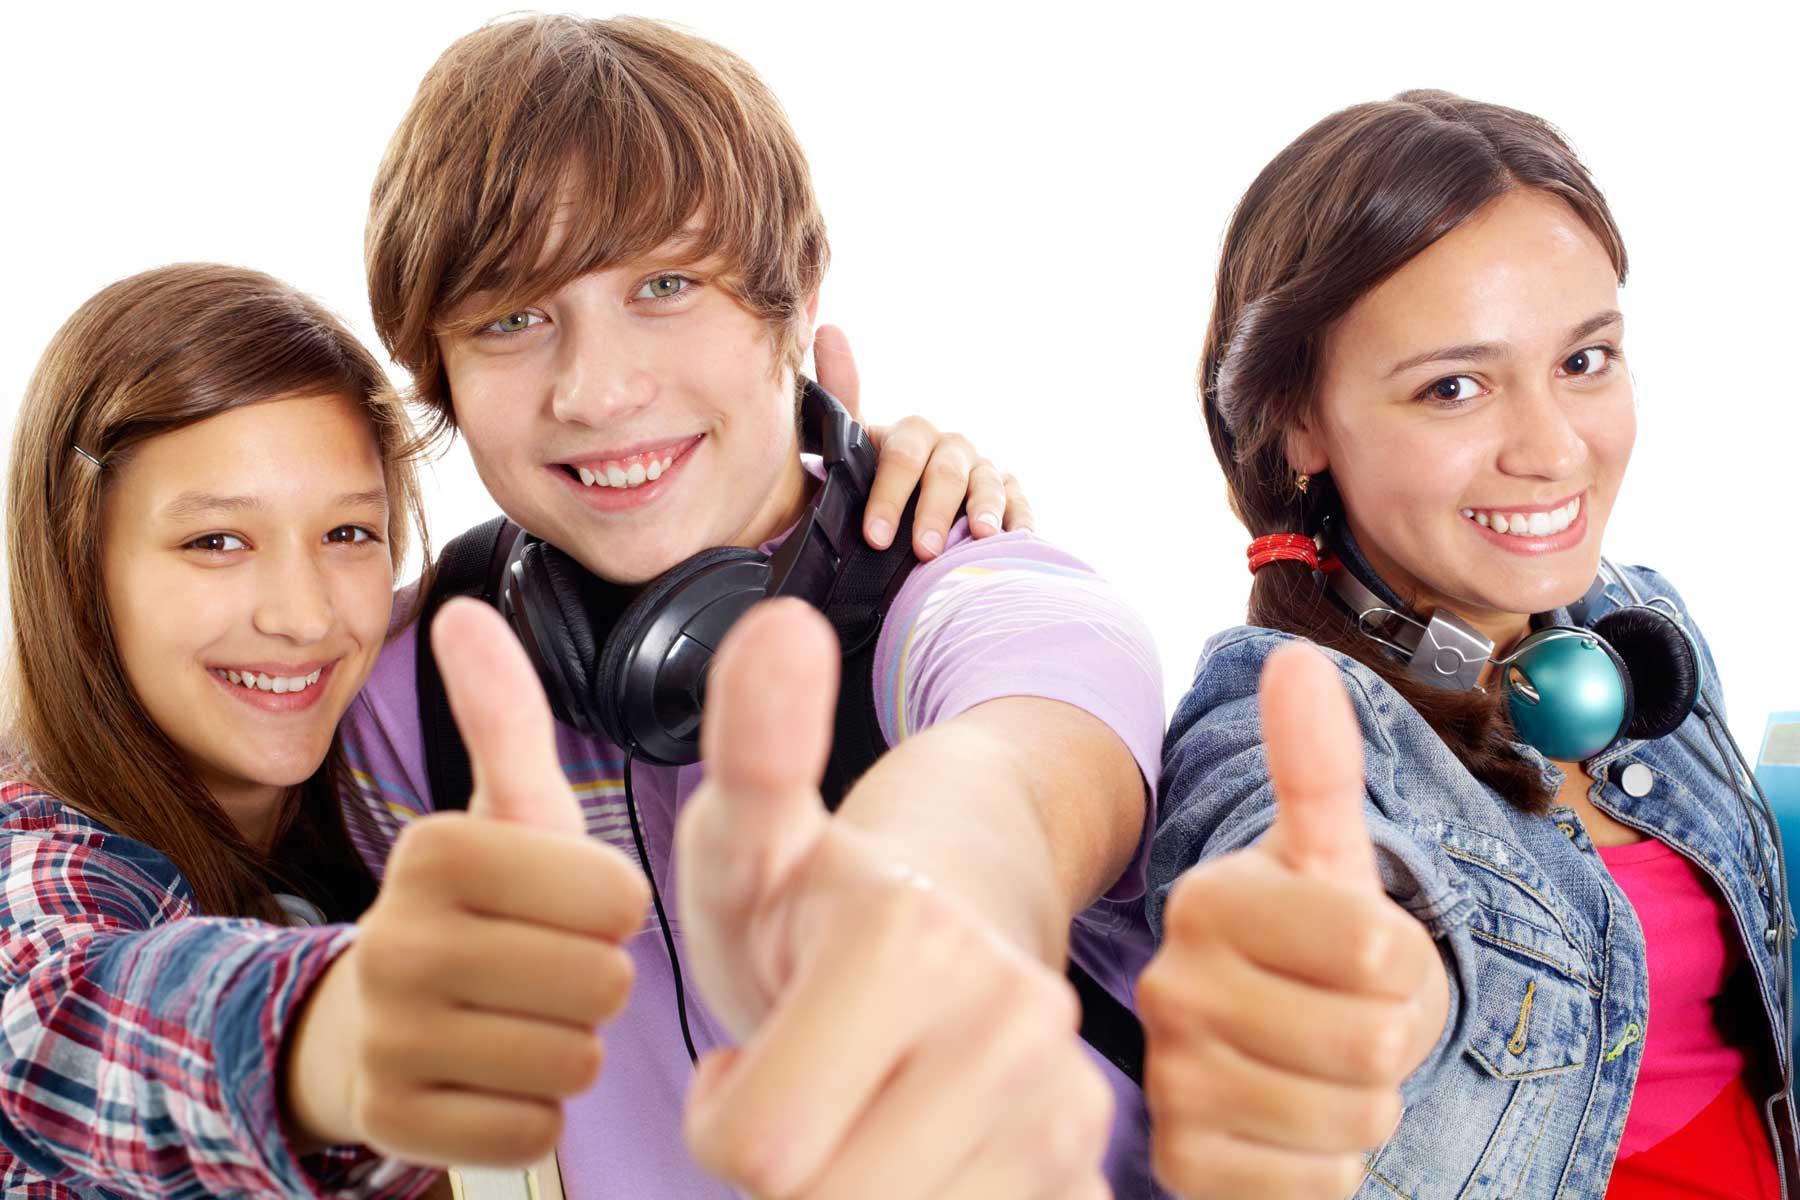 Quali visite dentistiche far fare ai ragazzi dagli 11 ai 16 anni? - Scarica la guida e scoprilo - CENTRO ORTODONZIA BAVARESCO PADOVA